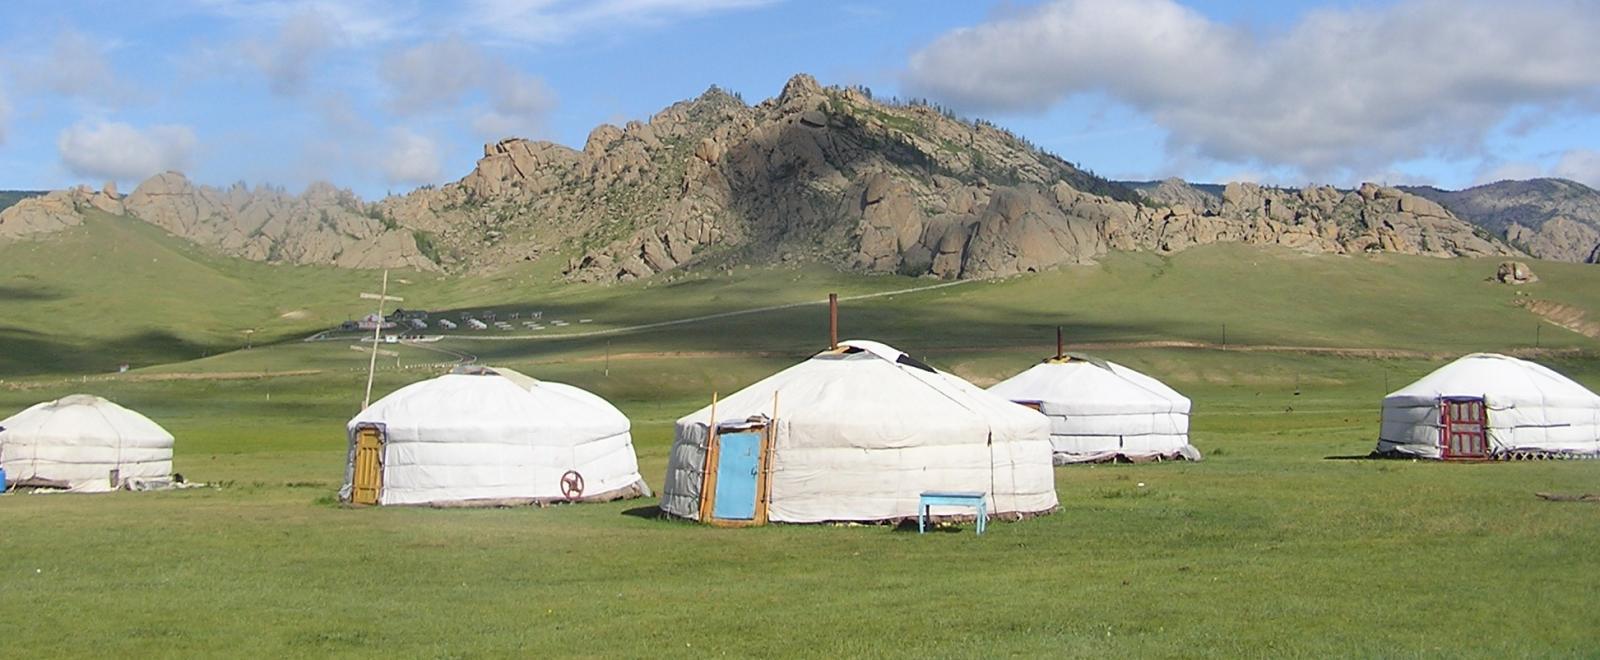 モンゴルで海外ボランティア